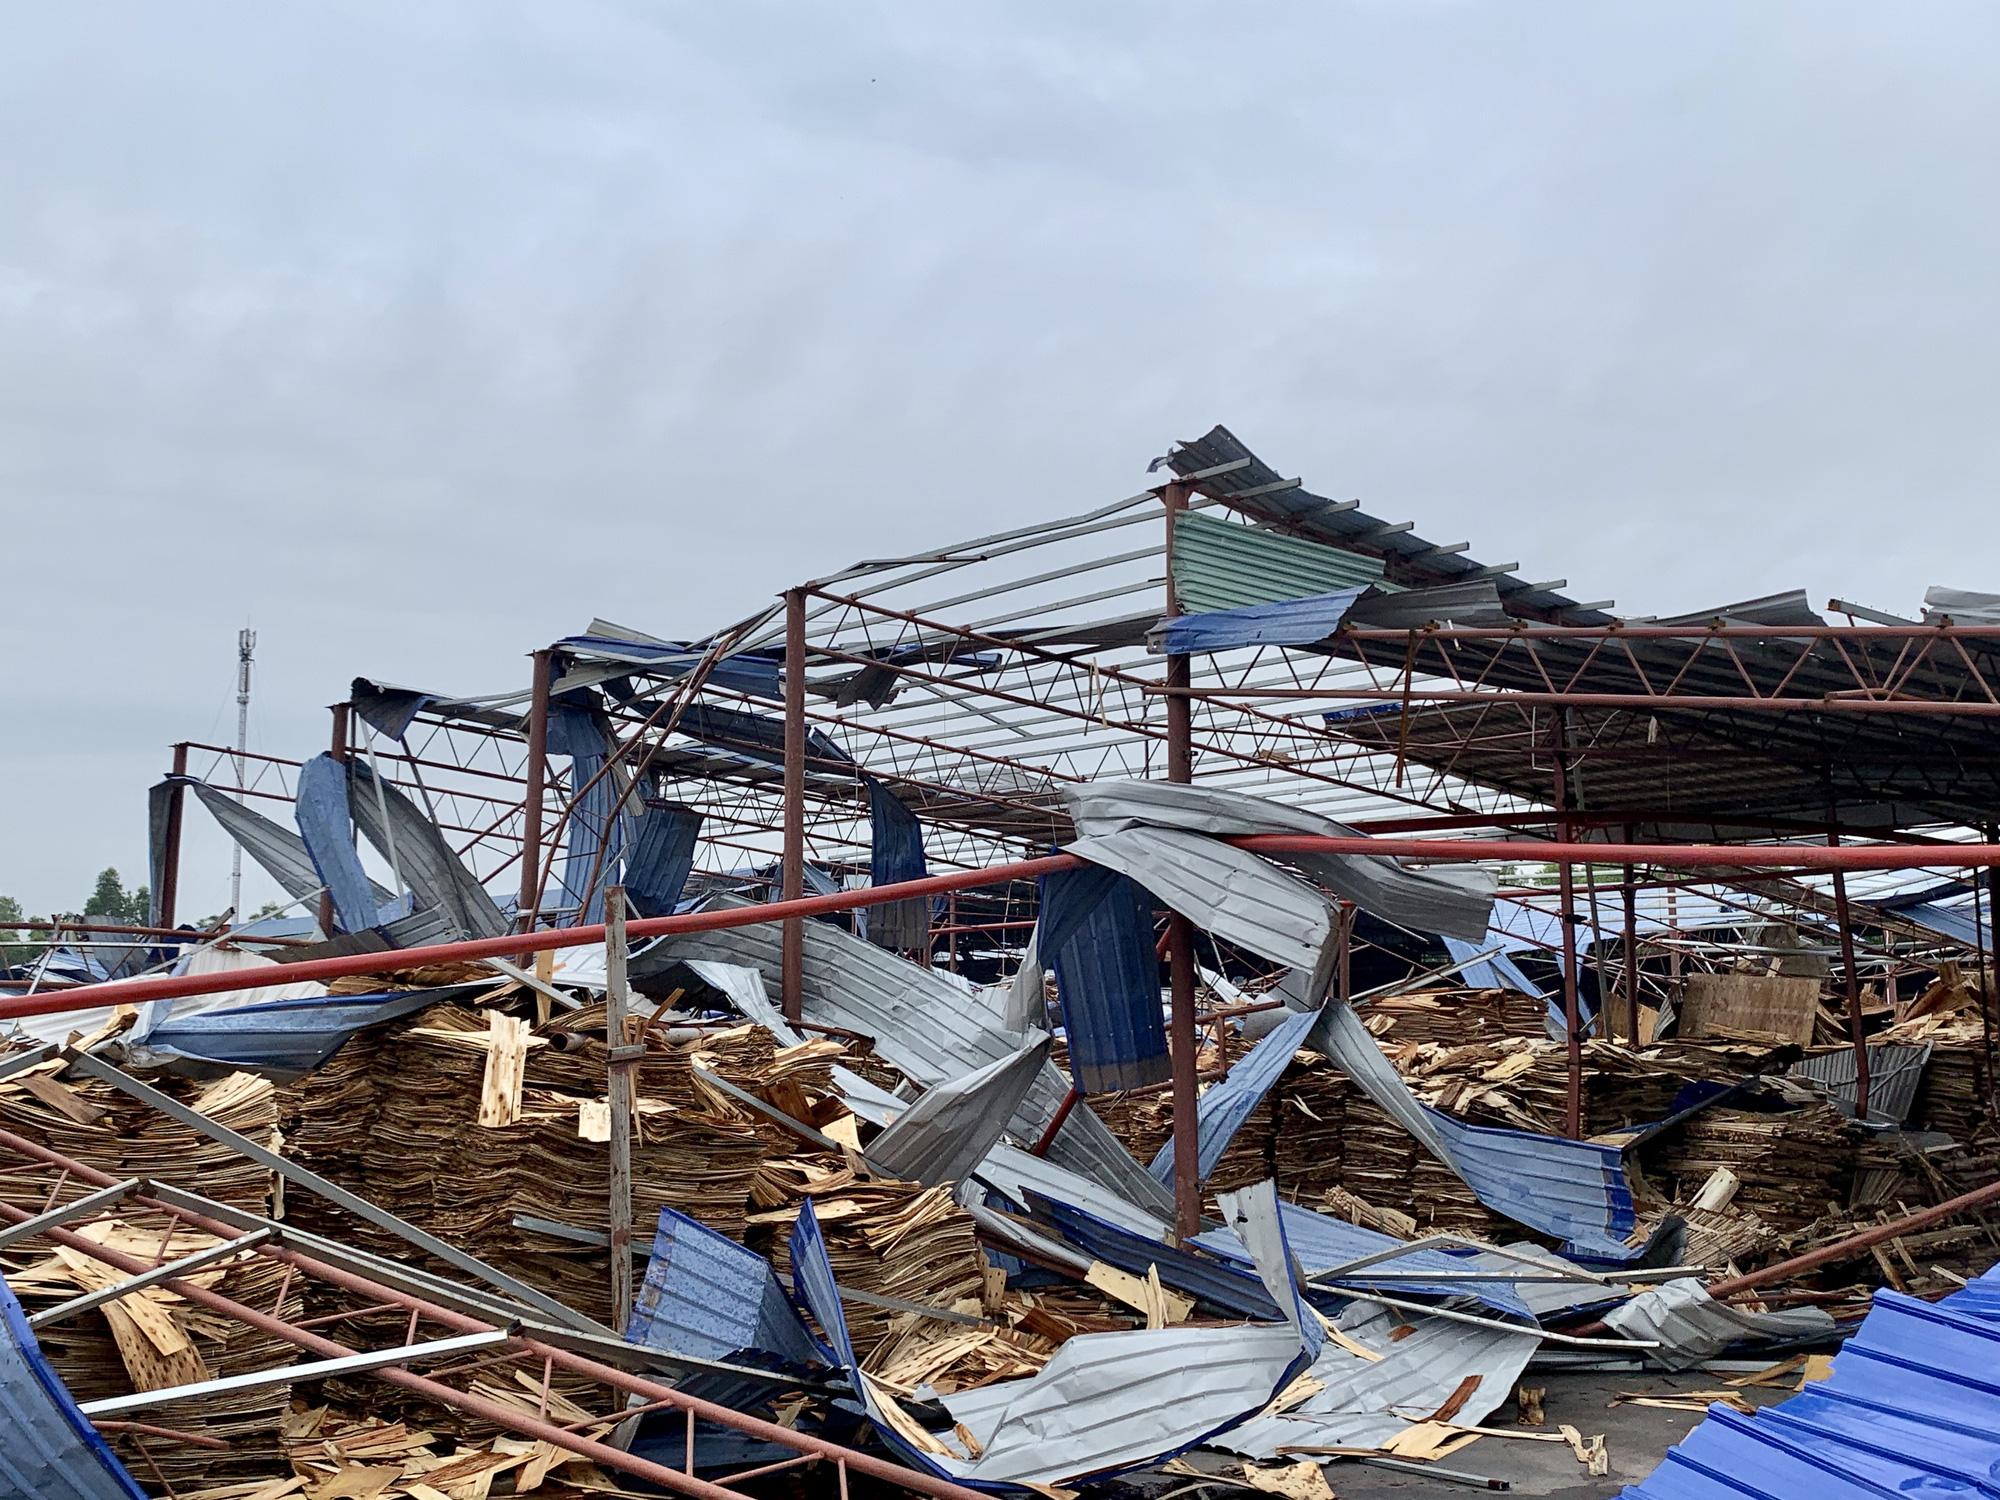 Lốc xoáy ở Vĩnh Phúc: Chuyên gia khí tượng lý giải ra sao? - Ảnh 1.